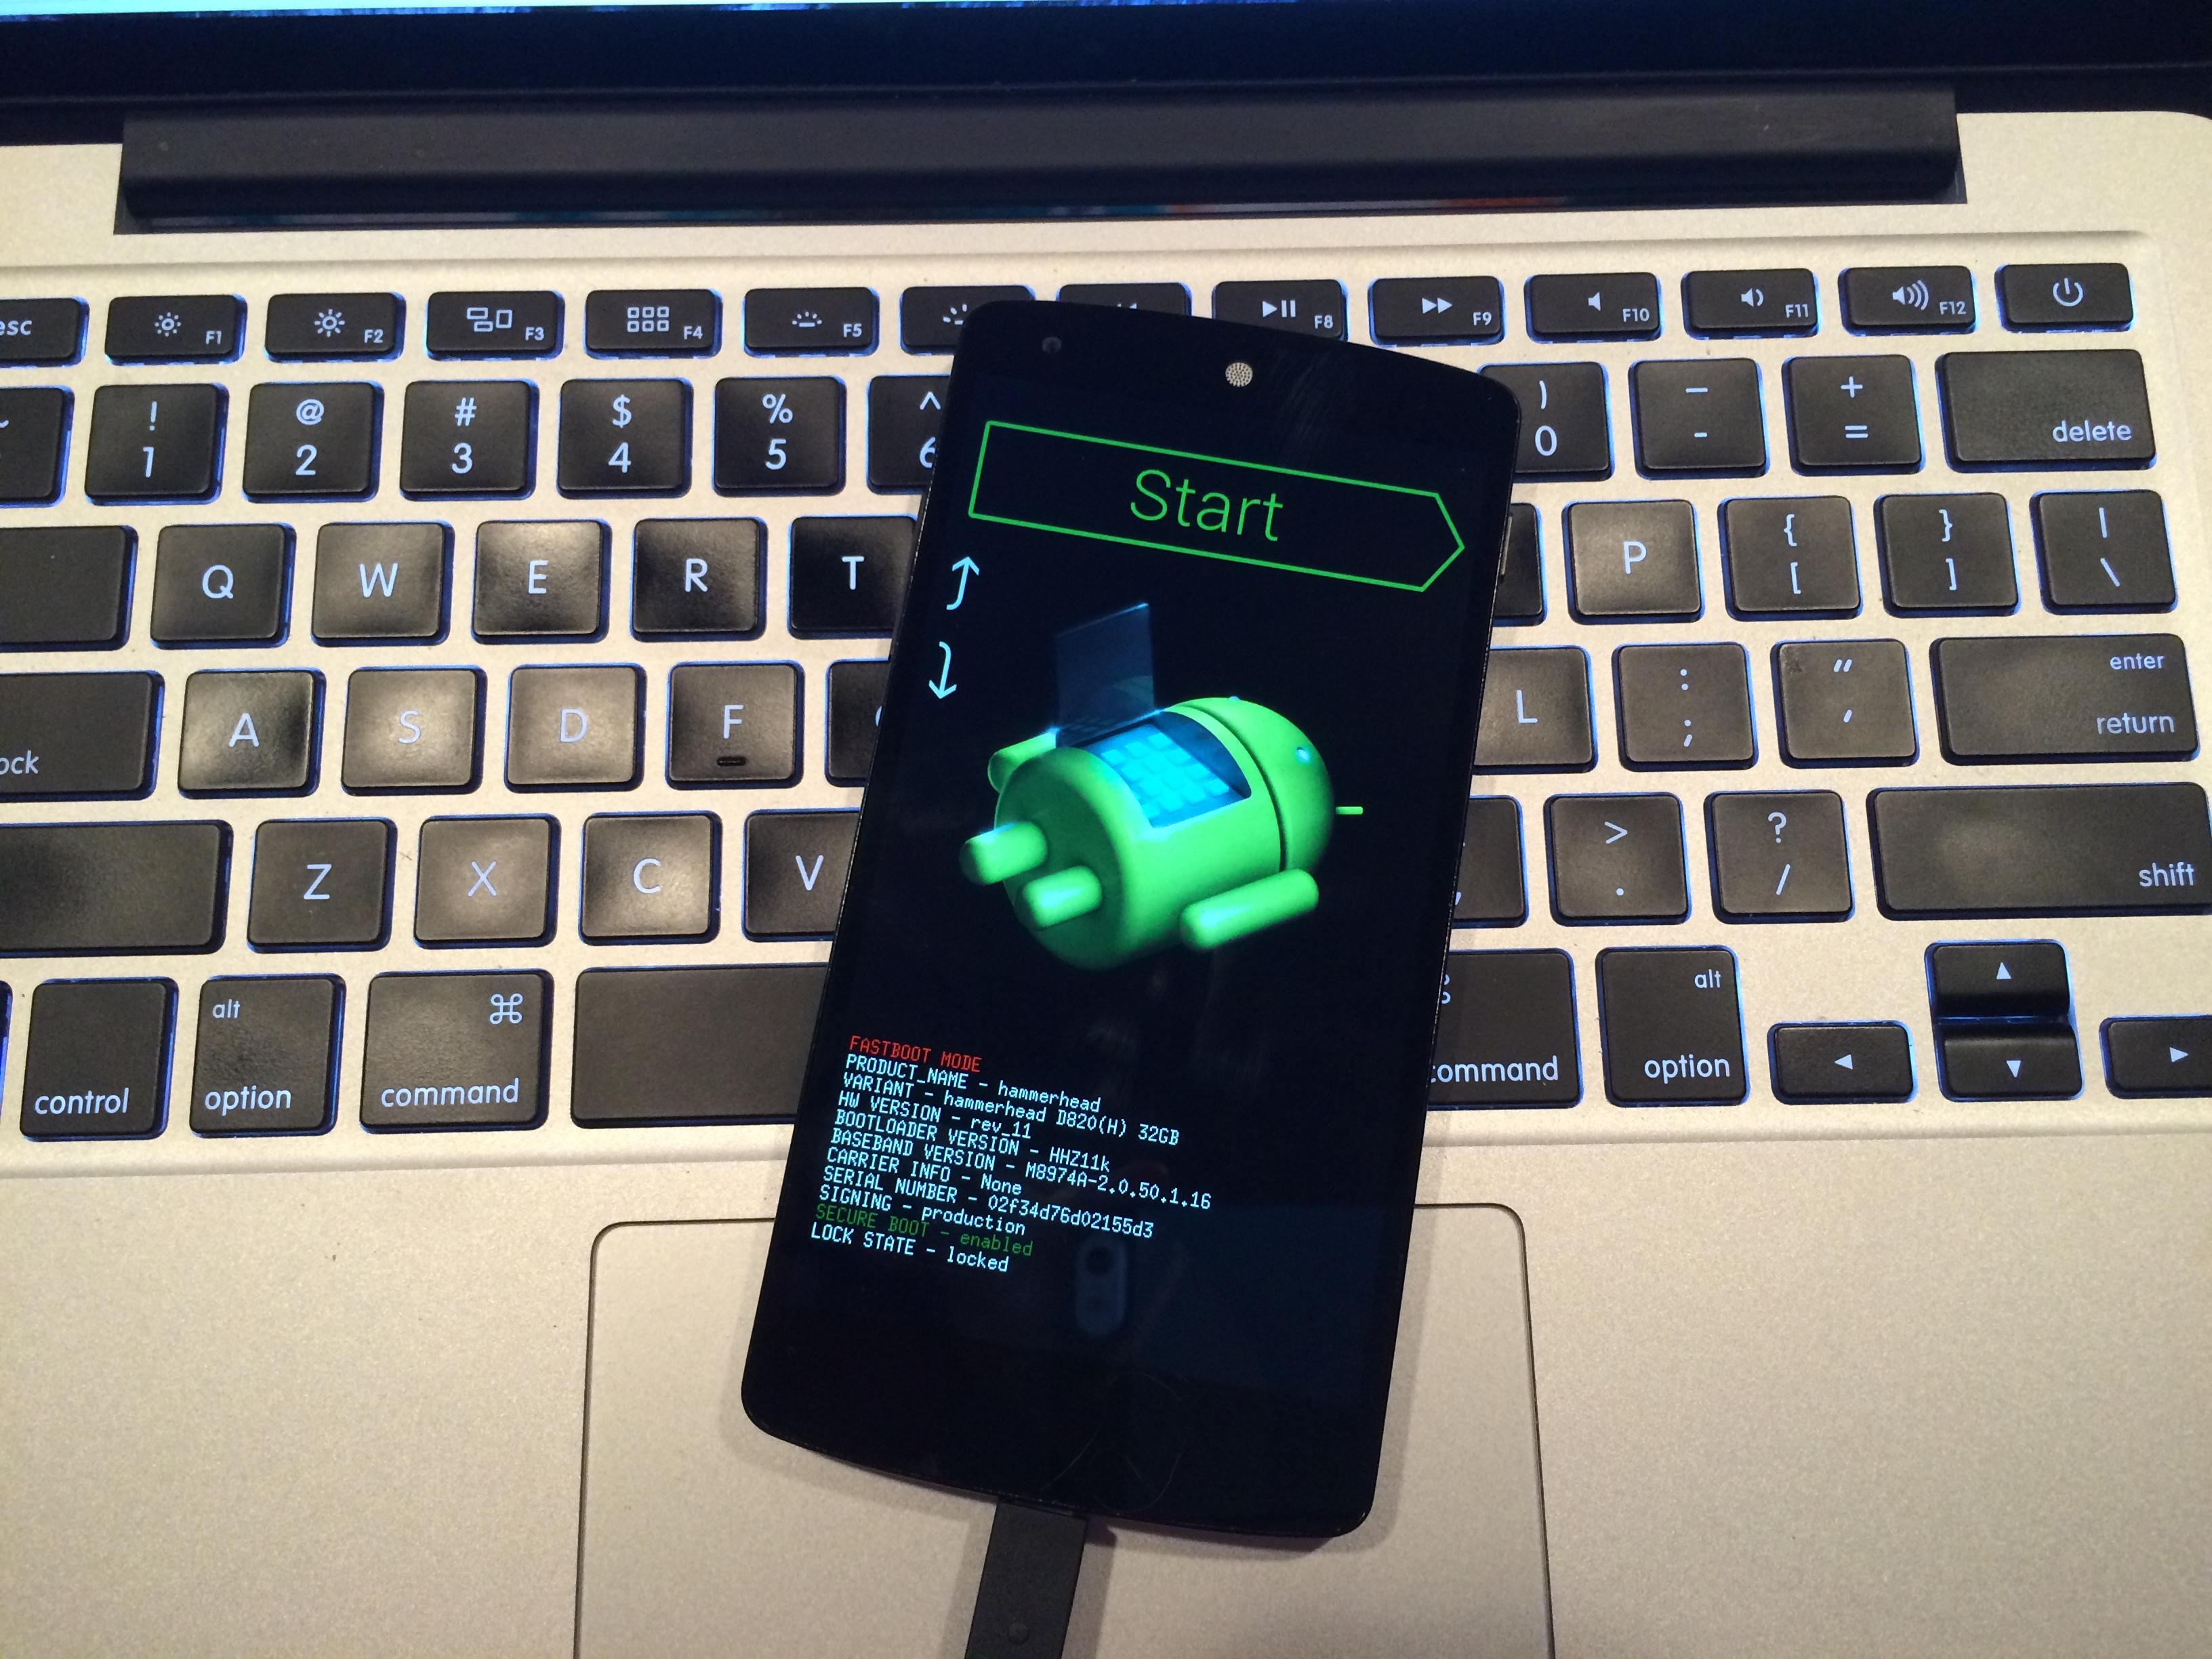 Du kan installera Android L Beta med hjälp av dessa anvisningar.